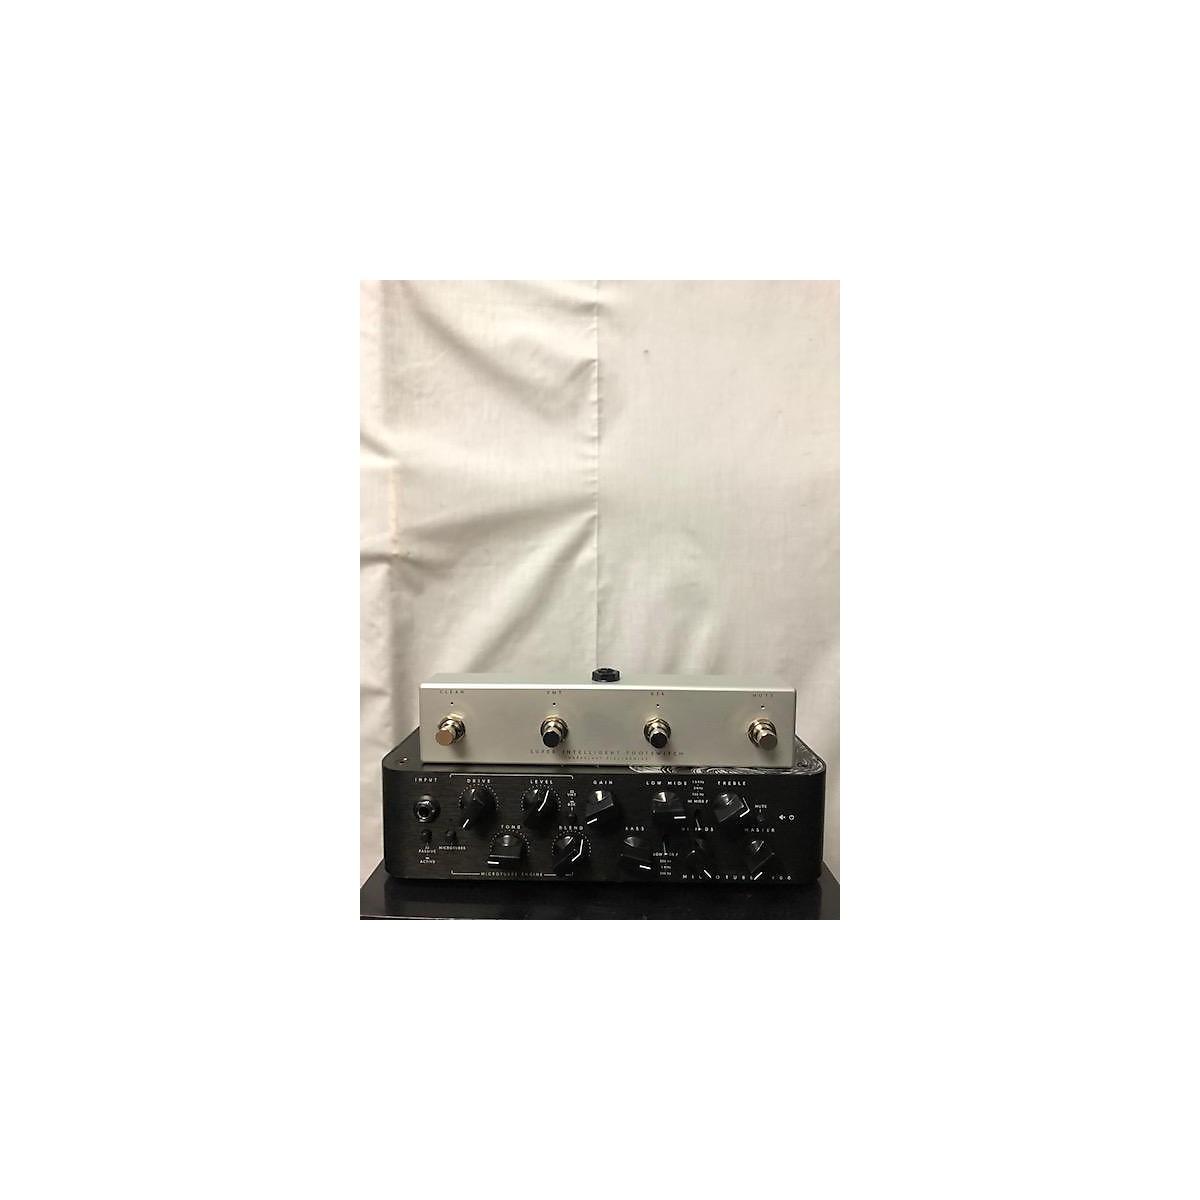 Darkglass MICROTUBES 900 MEDUSA Bass Amp Head